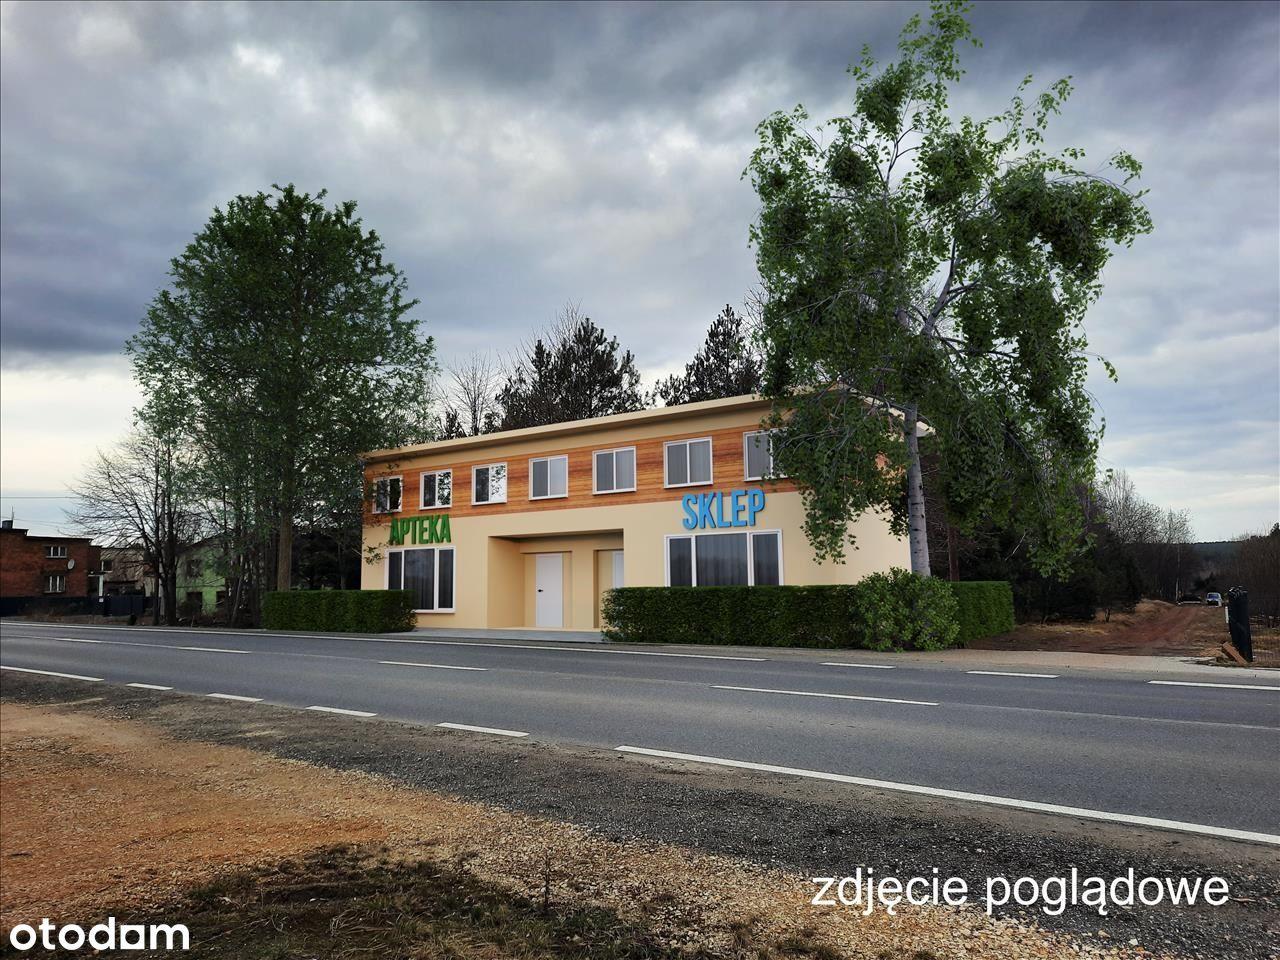 Działka pod usługę/handel 2100 m2, Jejkowice